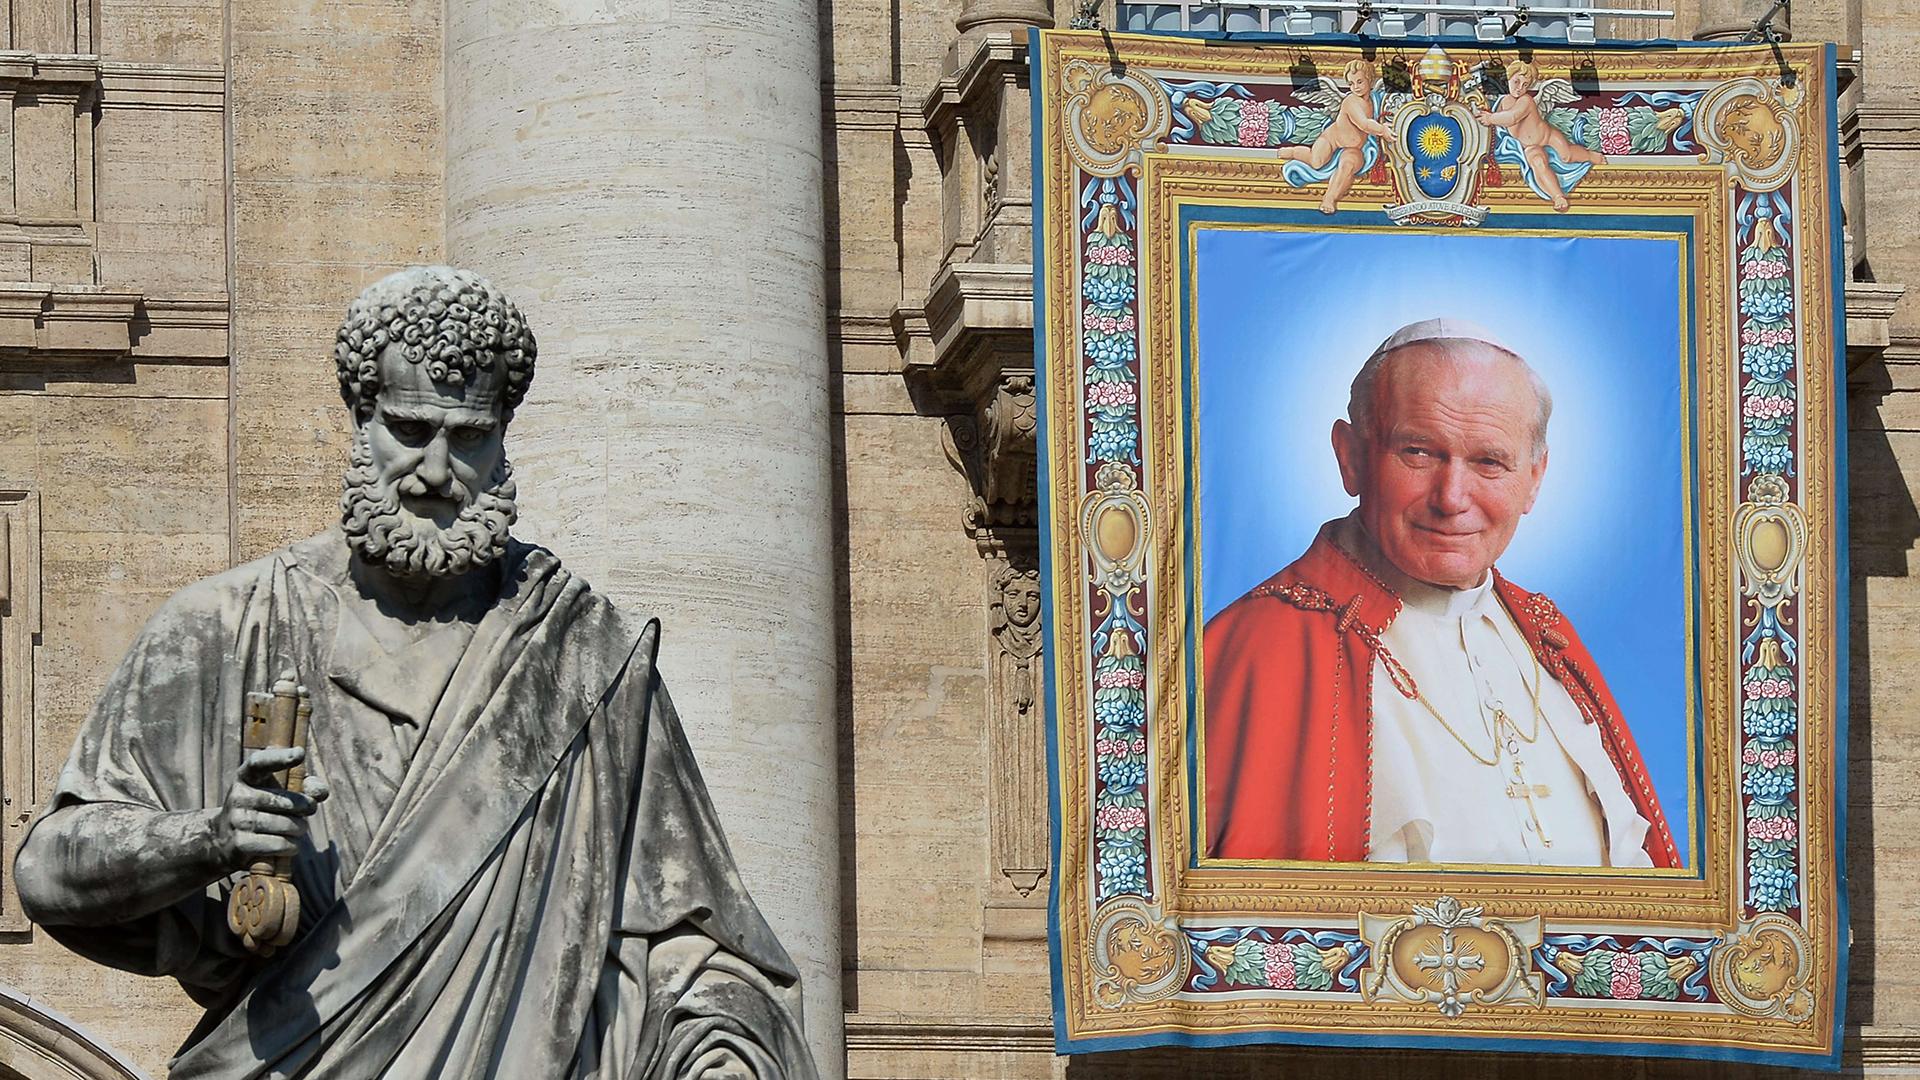 Holy Moolah: John Paul II Canonization Sponsored by Banks, Oil Giant